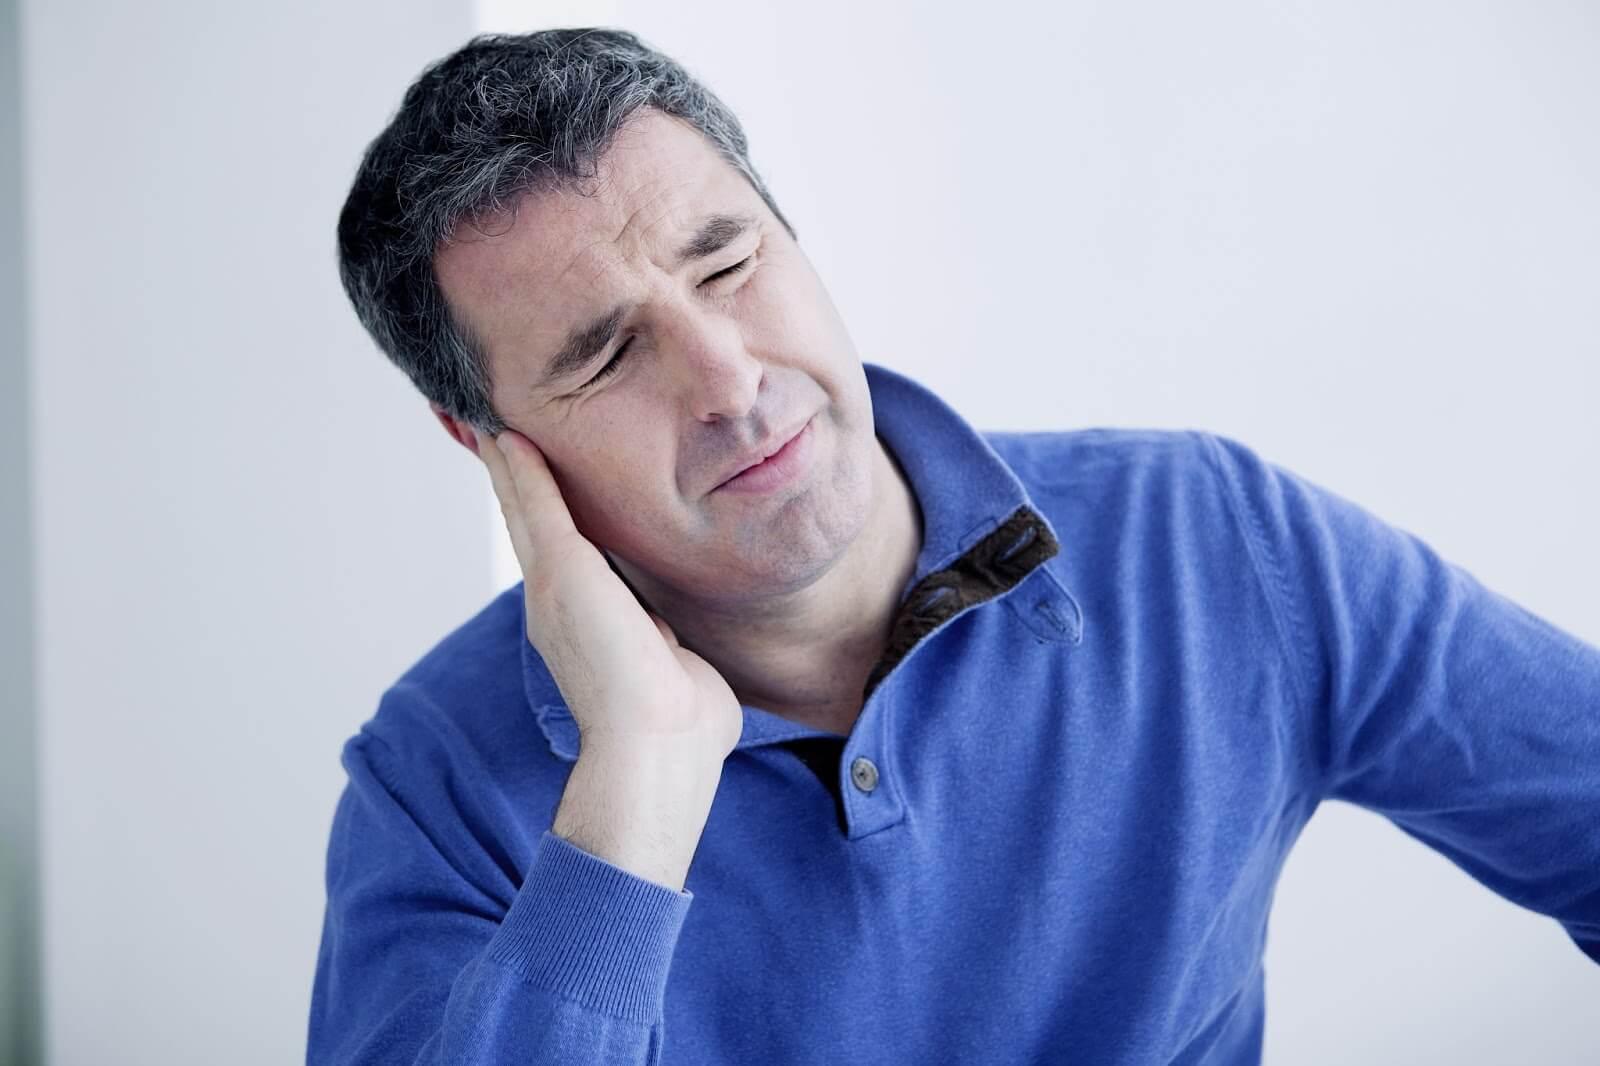 Острый средний отит – симптомы, осложнения, лечение ЛОР